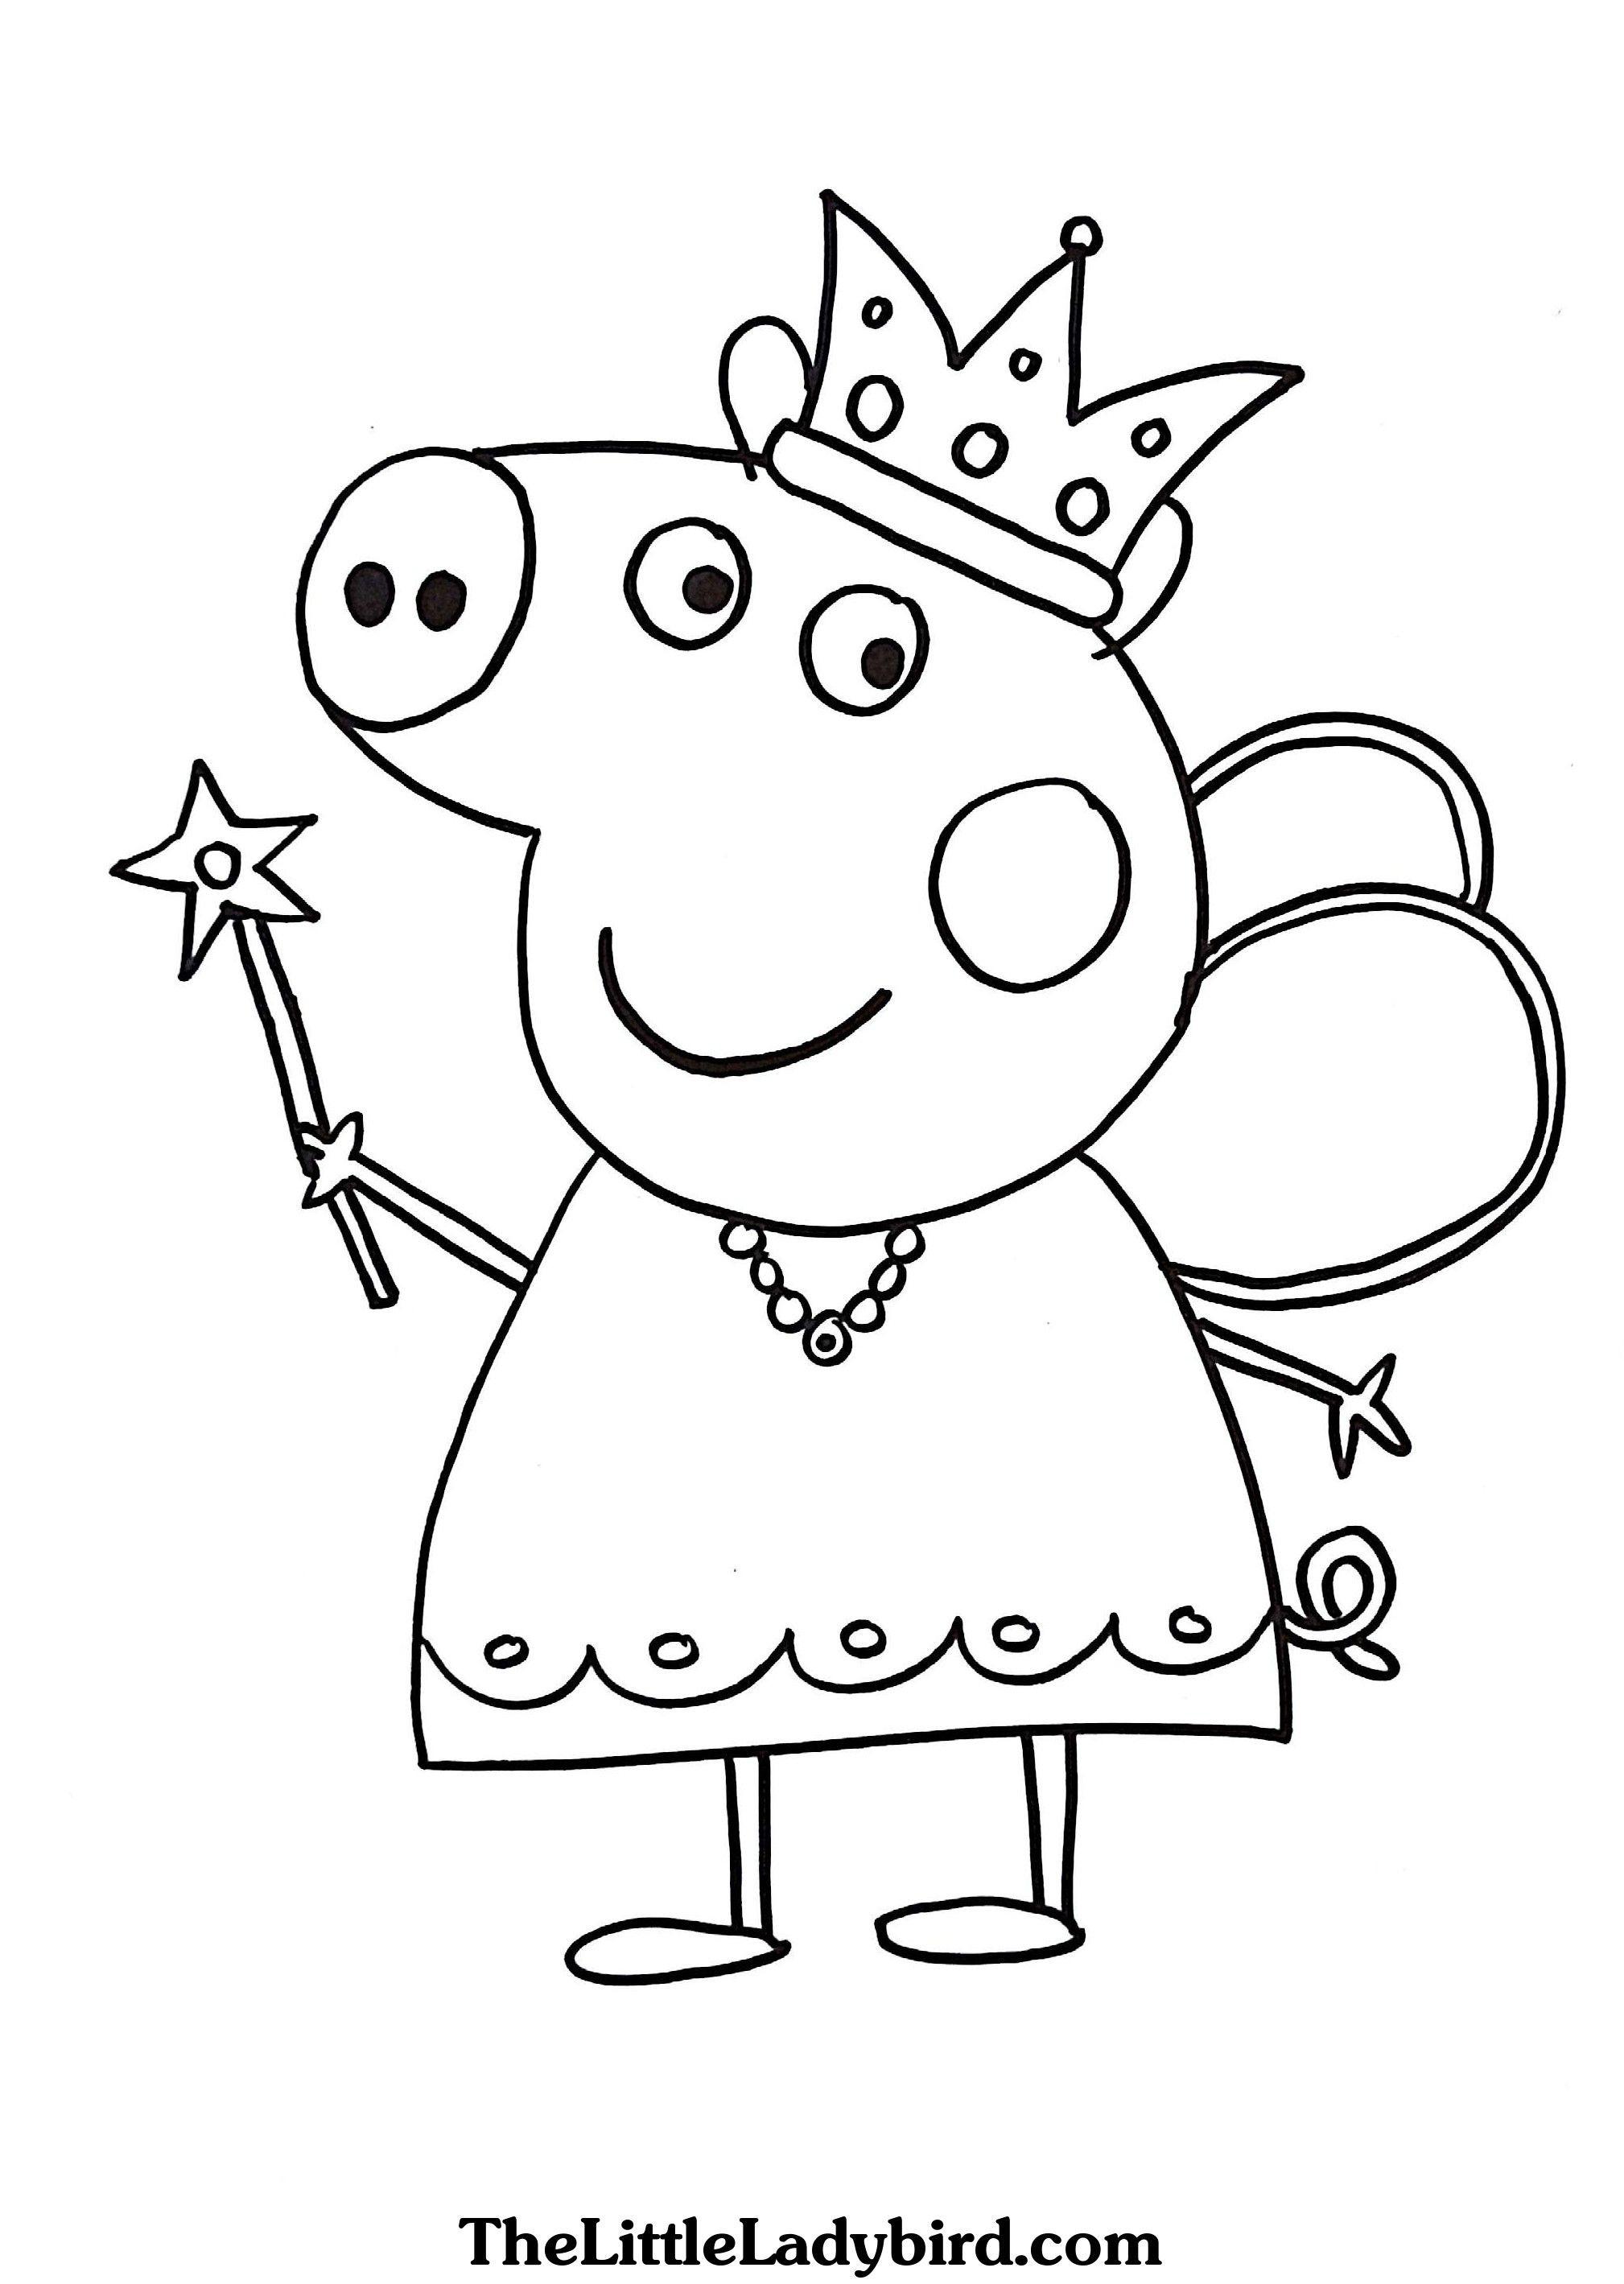 Unique Pig Color Pages Free Printable Coloring For Kids #7764 - Pig Coloring Sheets Free Printable